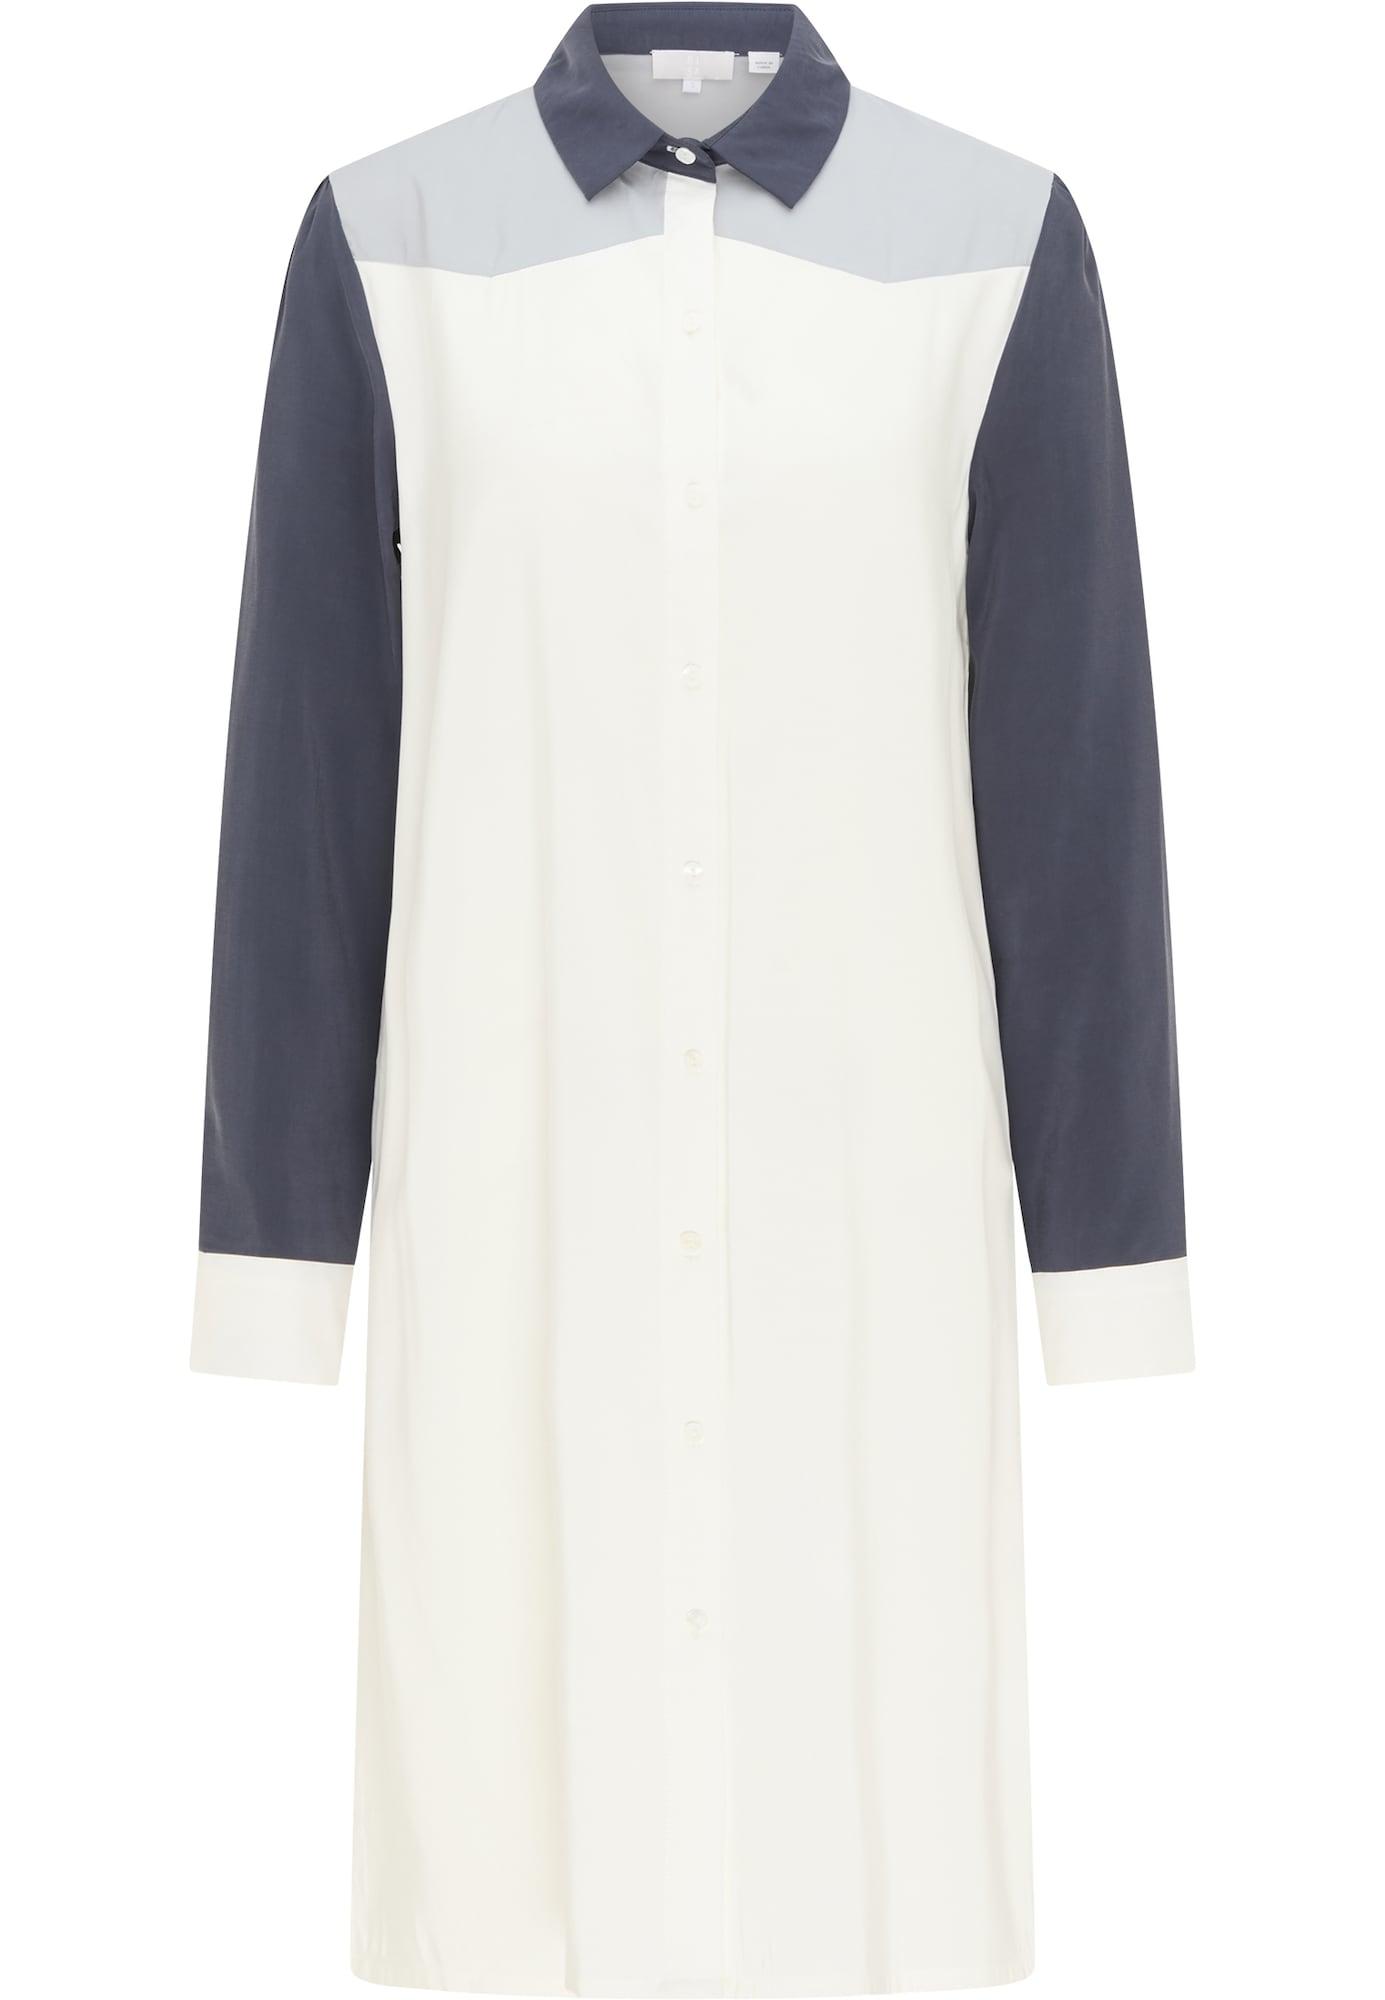 RISA Palaidinės tipo suknelė balta / nakties mėlyna / pilka